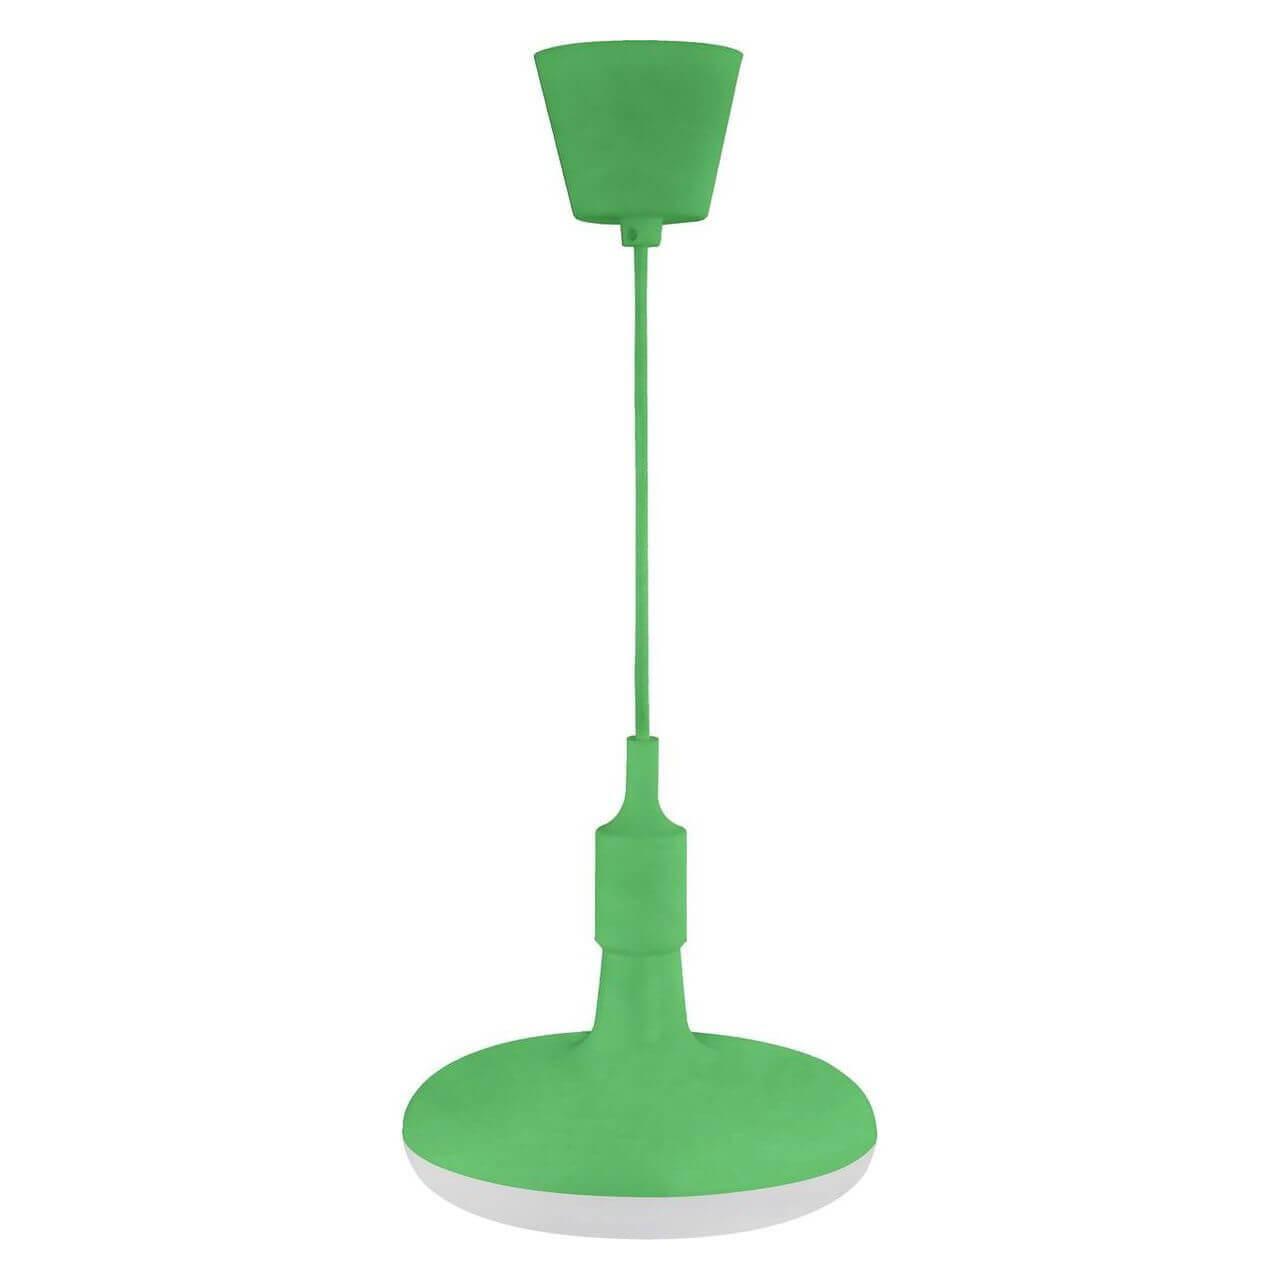 Подвесной светодиодный светильник Horoz Sembol зеленый 020-006-0012 подвесной светильник sembol hrz00002171